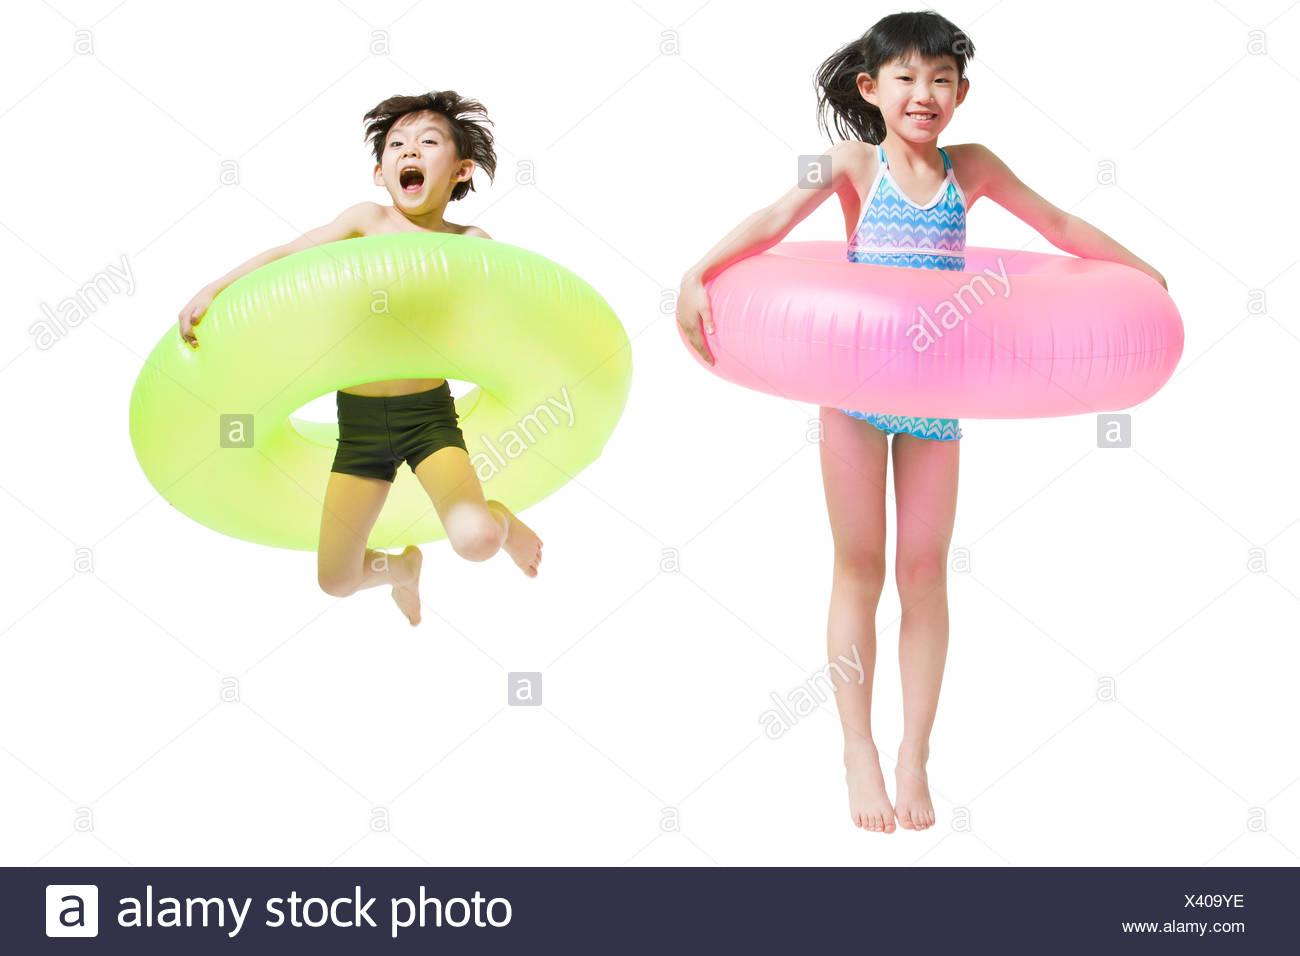 Costumi Da Bagno Per Bambini : Carino bambini in costume da bagno con anelli di nuoto foto